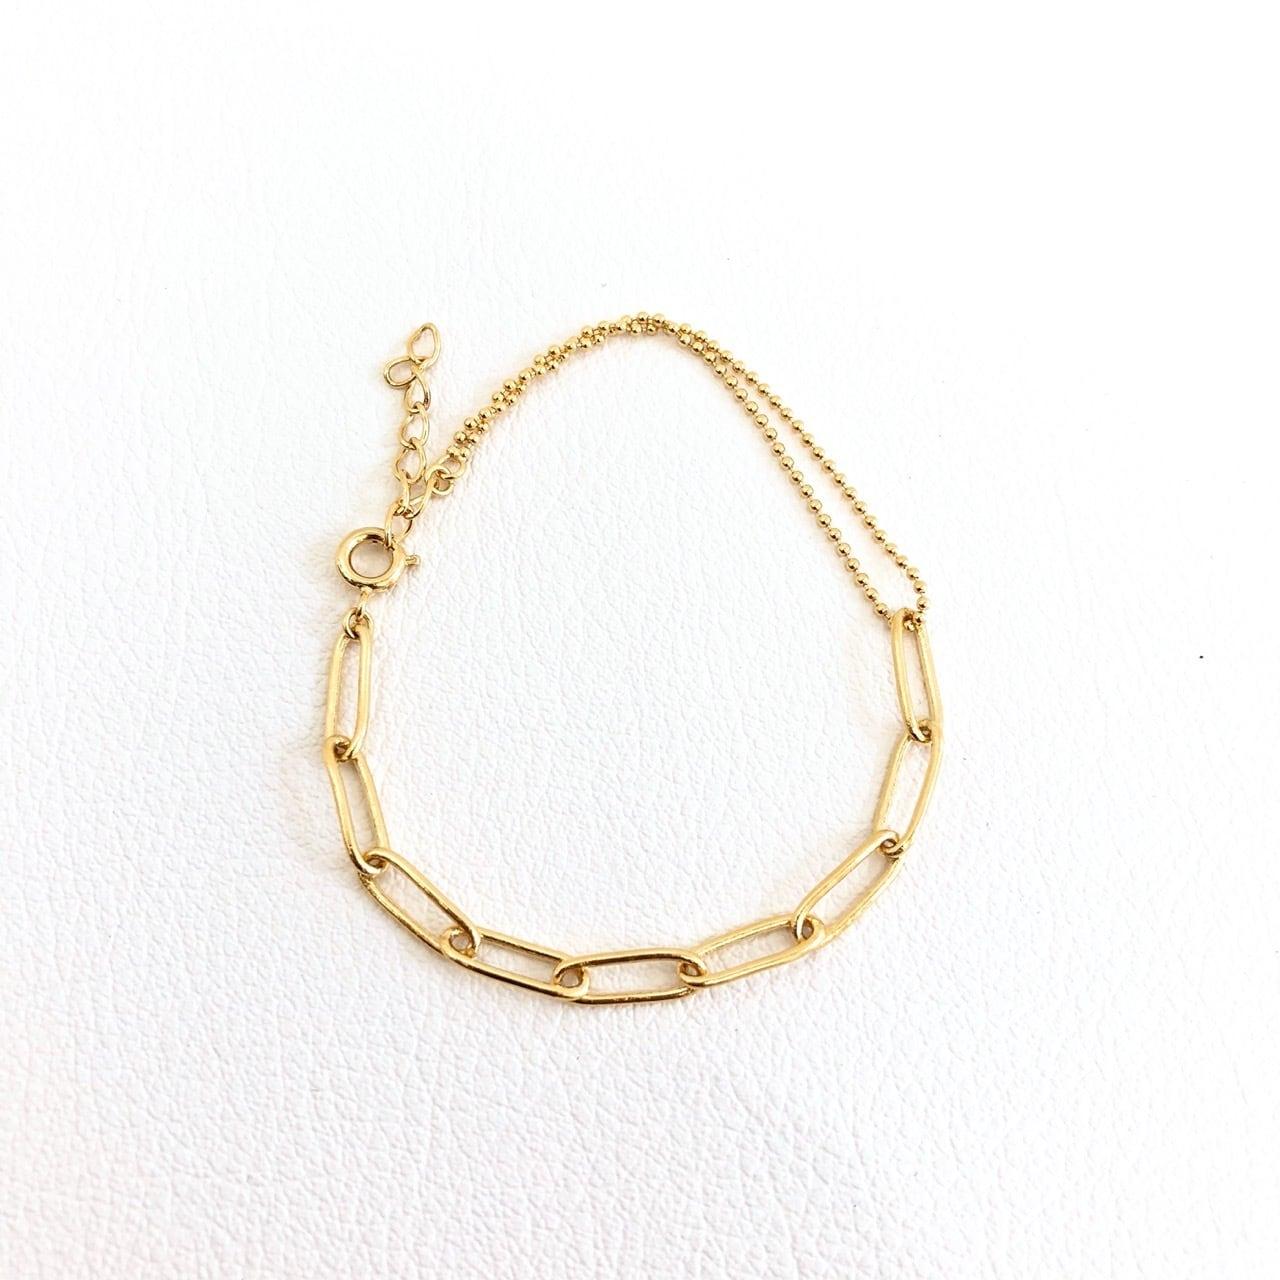 【 Lapuis 】- 184-220136 - Hook Chain Brace